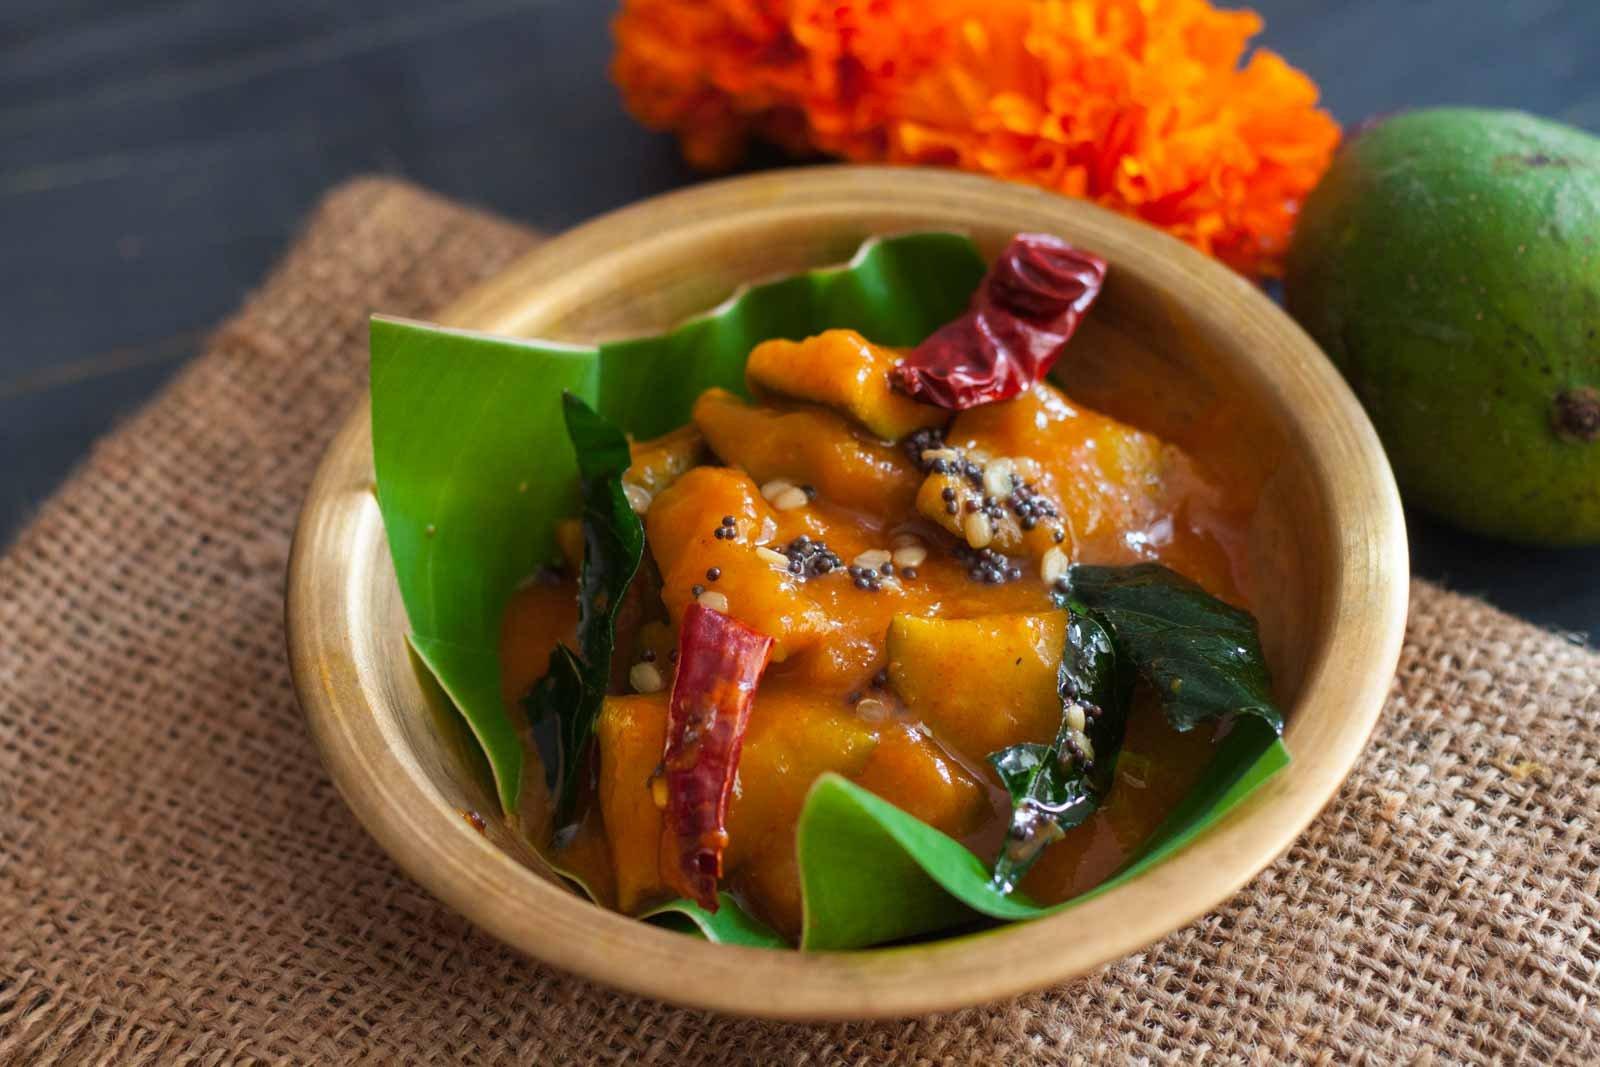 Tamil nadu style manga pachadi recipe mango in spicy and tangy tamil nadu style manga pachadi recipe mango in spicy and tangy curry recipe forumfinder Images